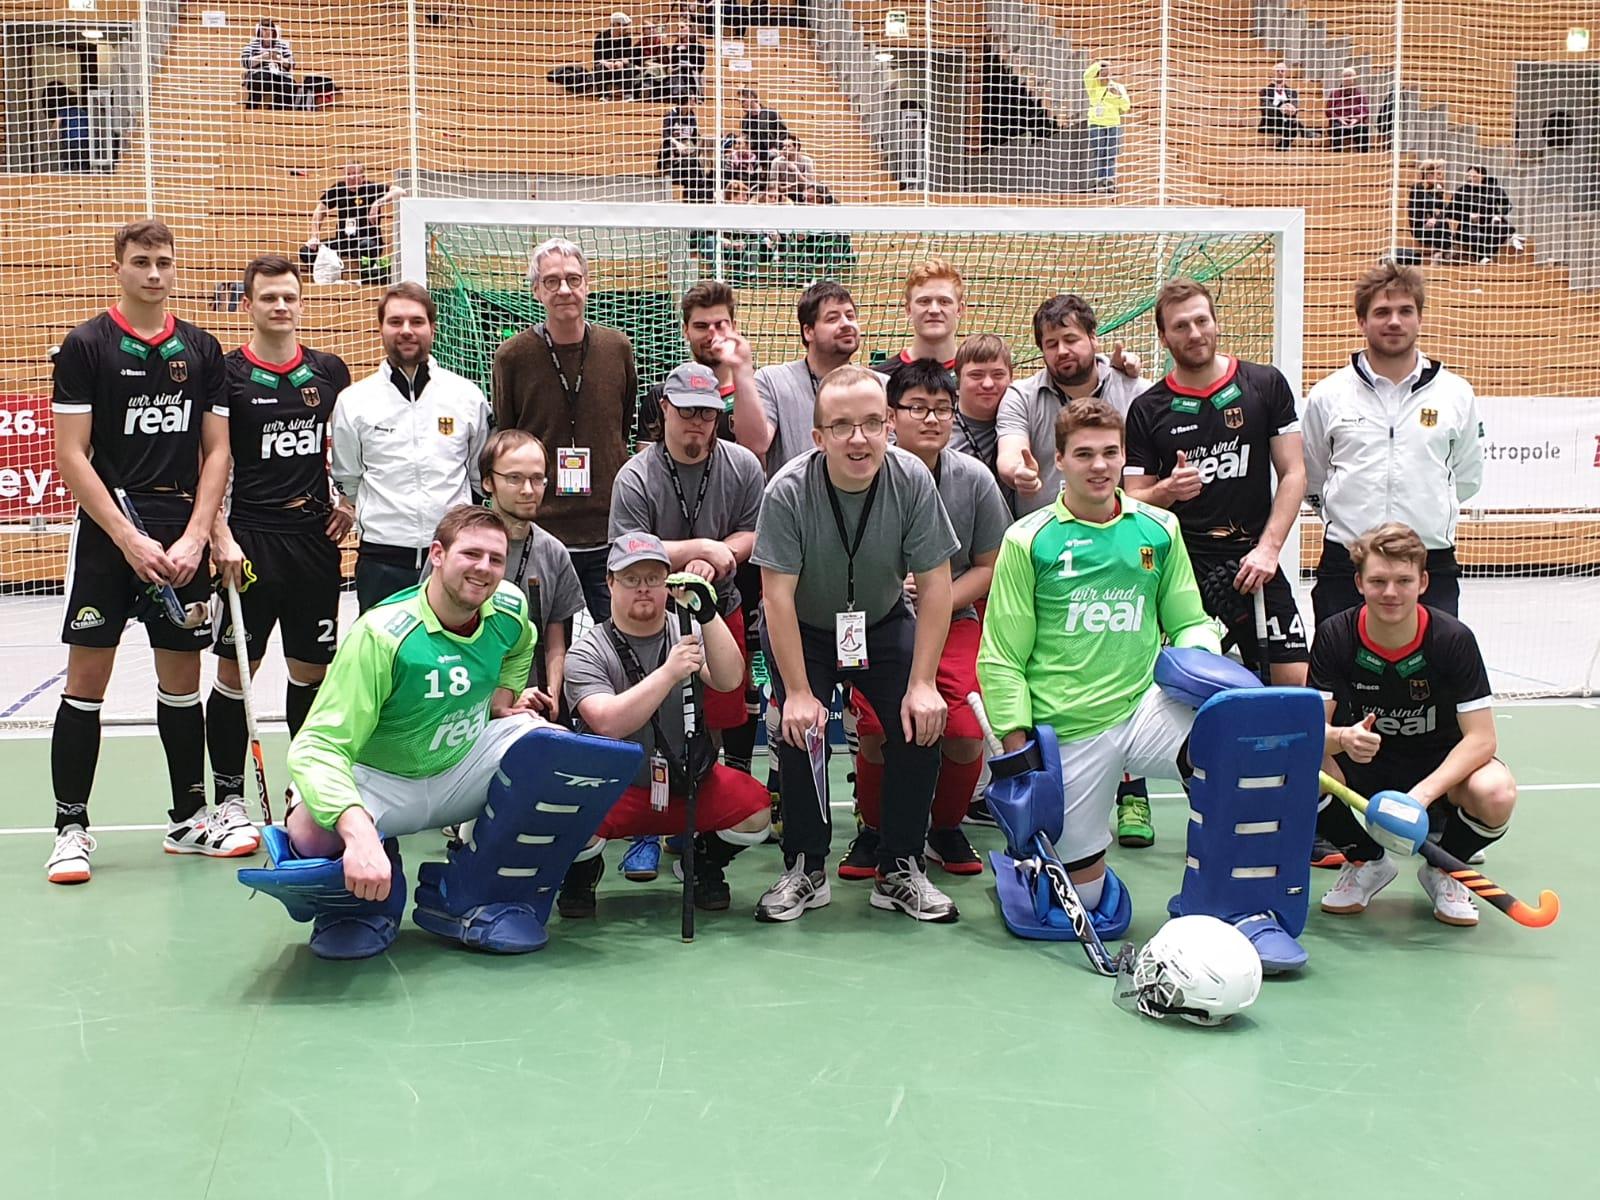 Hockeyspieler mit und ohne Behinderung